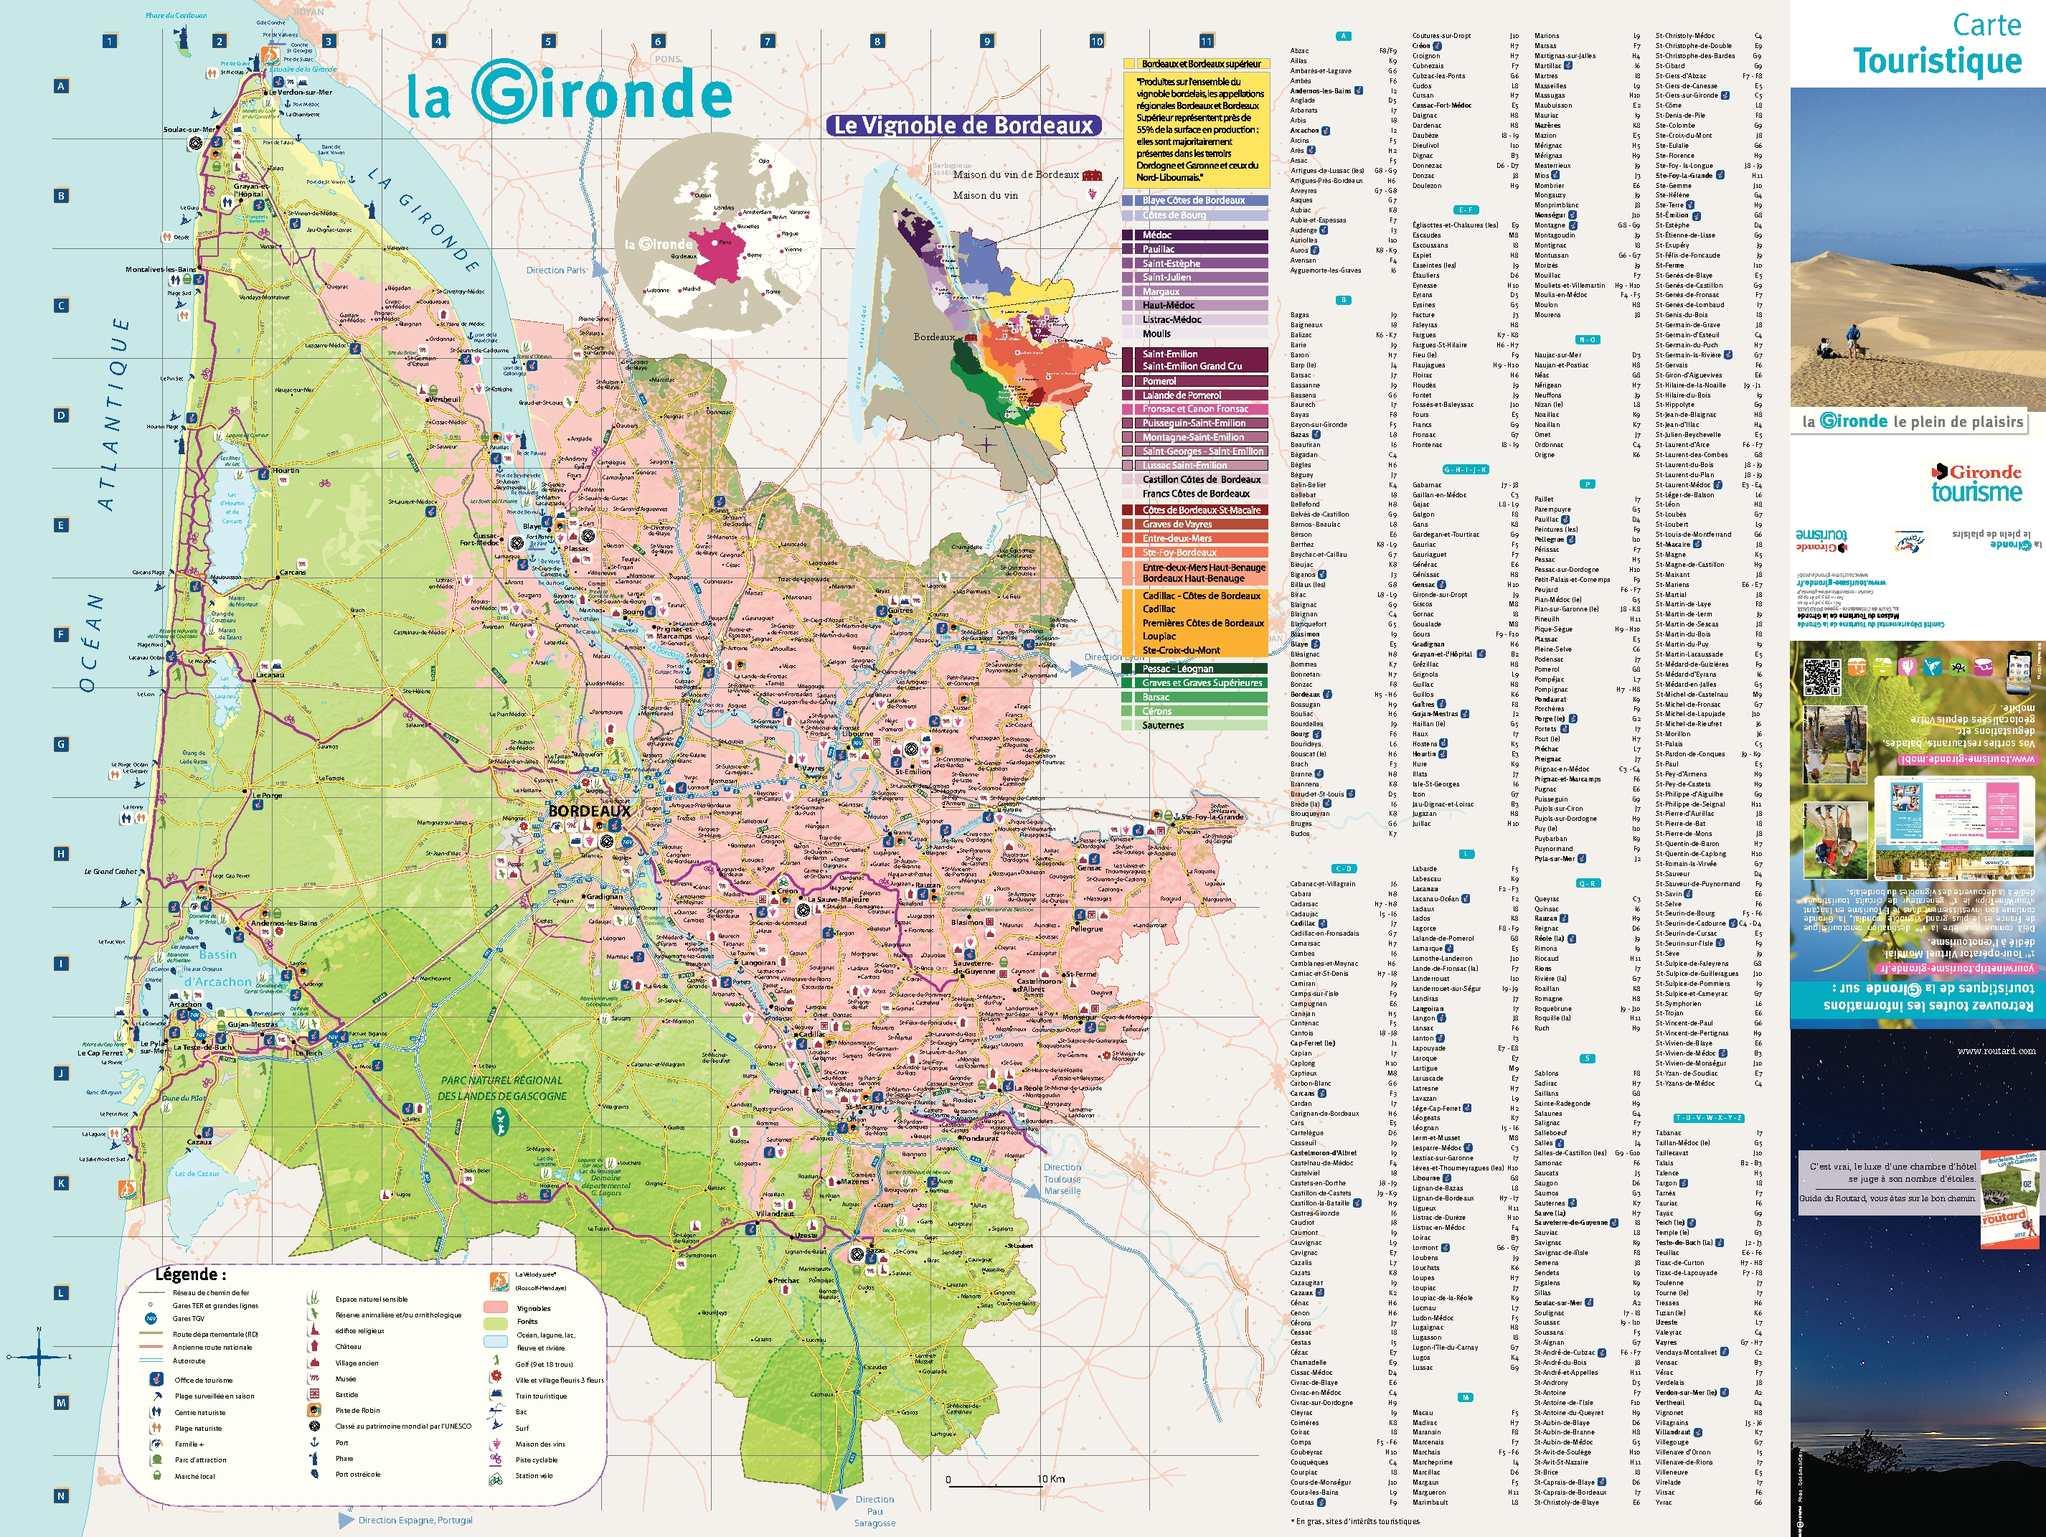 Plan Lacanau De Mios calaméo - carte touristique de la gironde